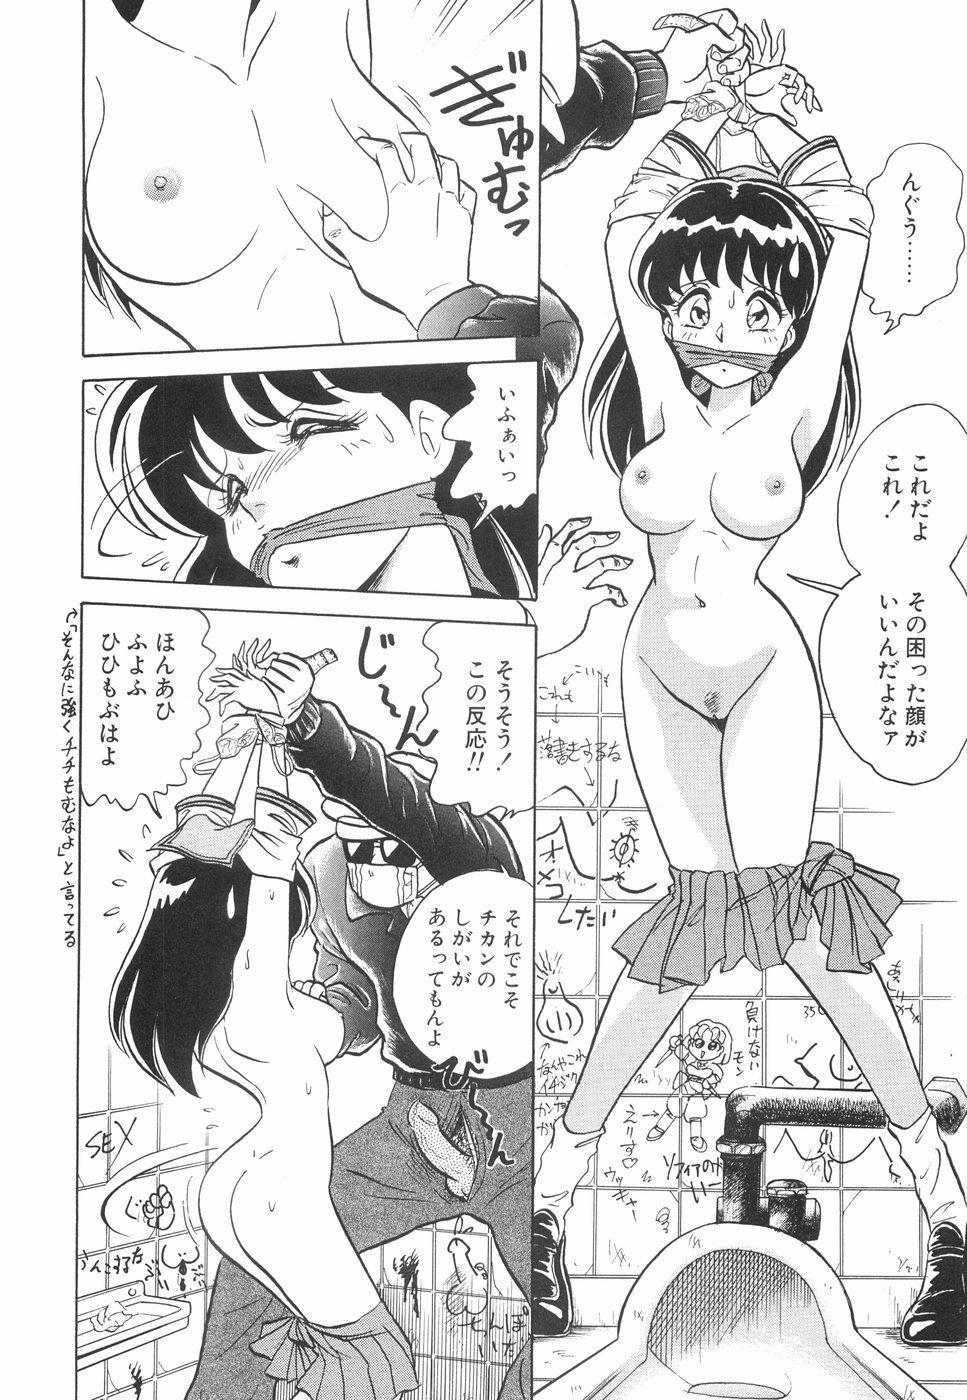 Hazukashime no Jikan 130